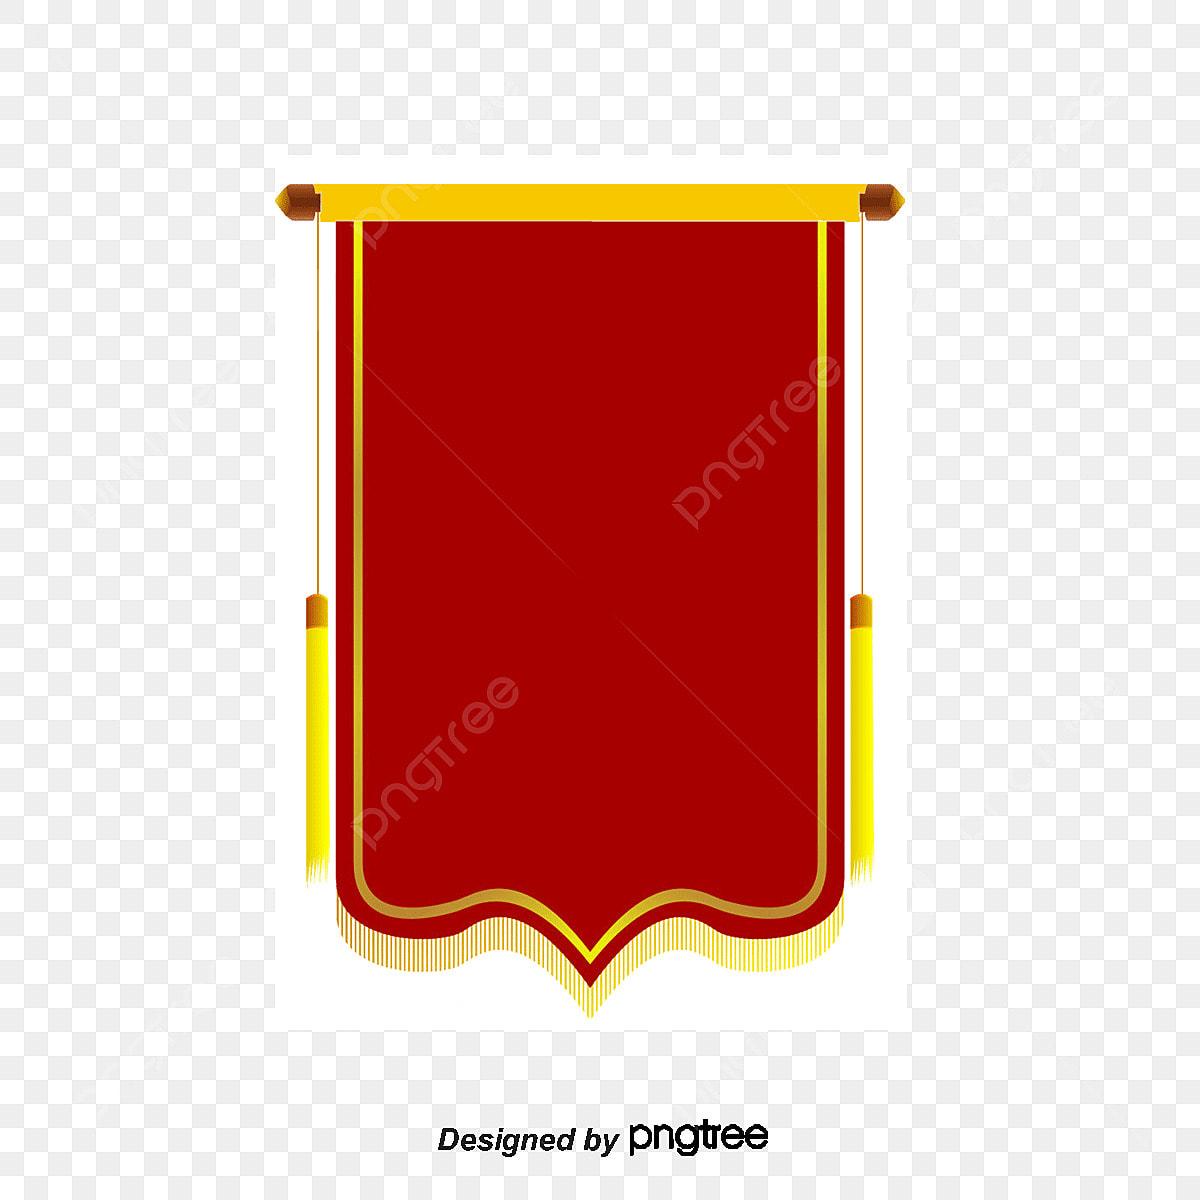 優勝旗のテンプレベクトル素材 赤い 優勝旗 ベクトル図画像素材の無料